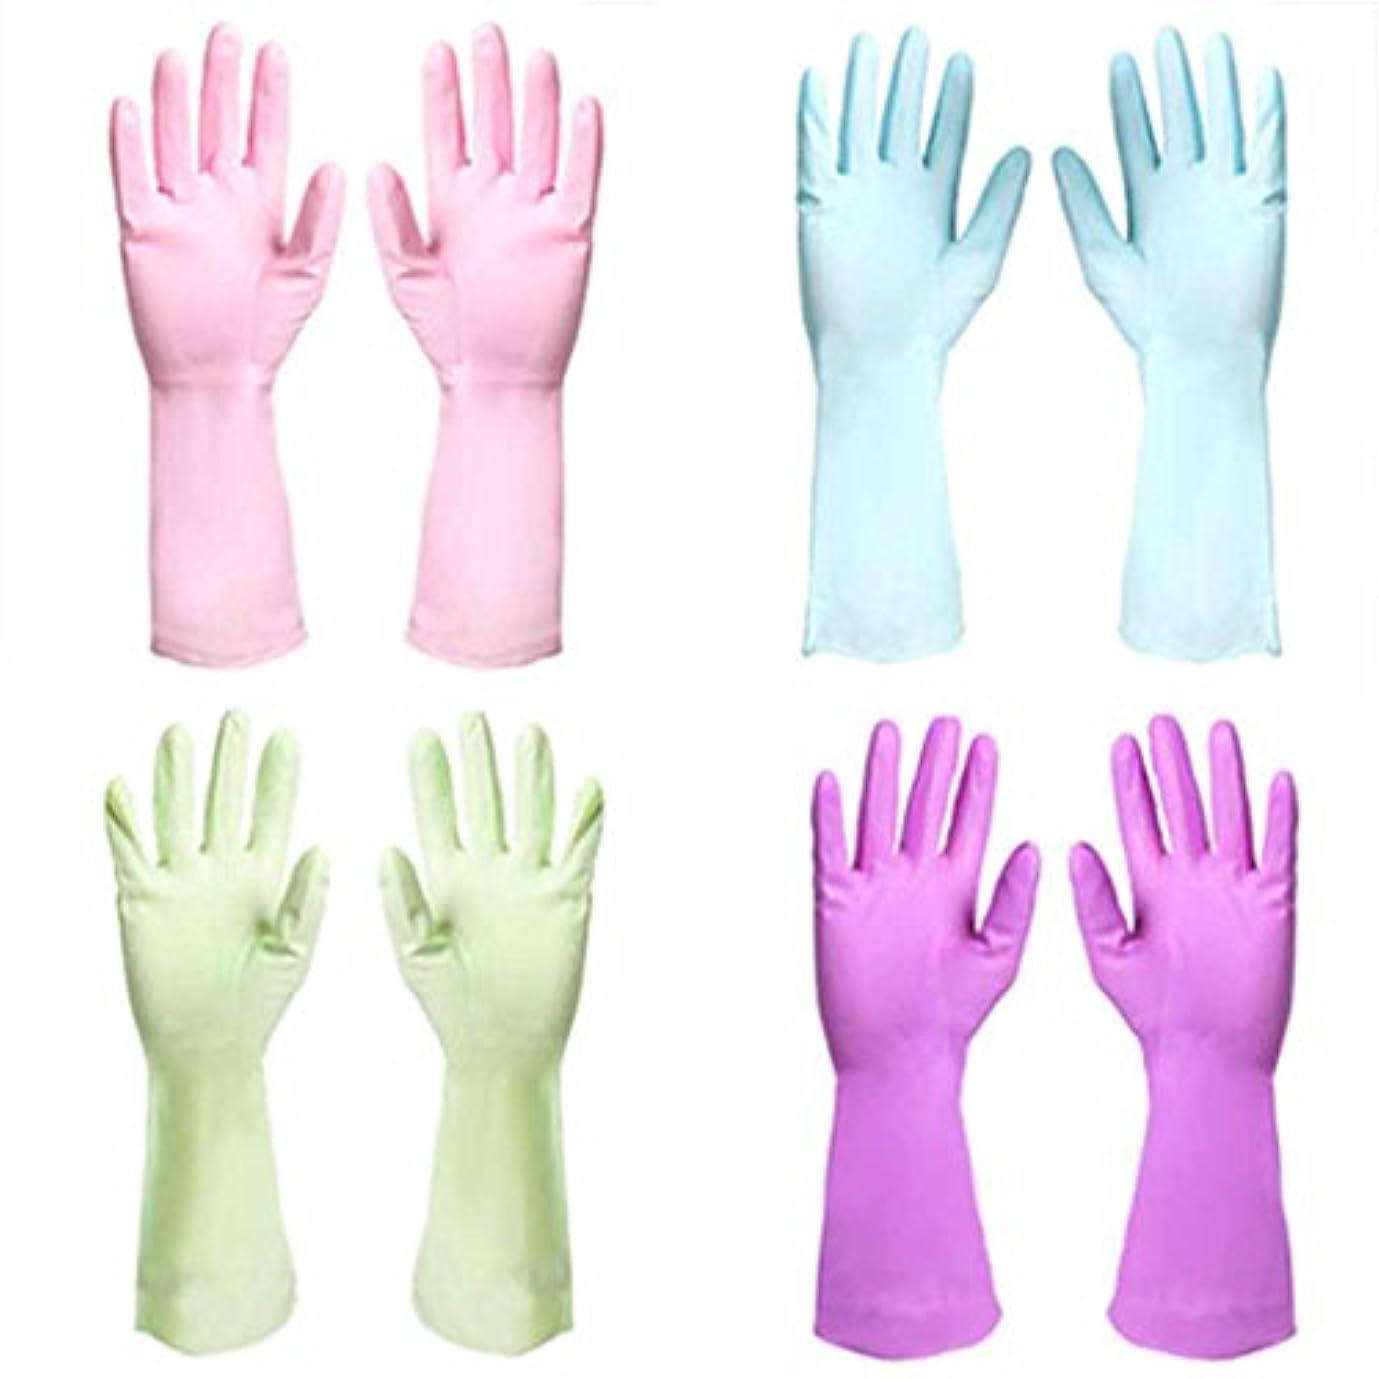 一掃する幽霊振り子使い捨て手袋 PVC防水性と耐久性の手袋キッチン油耐性汚れ手袋